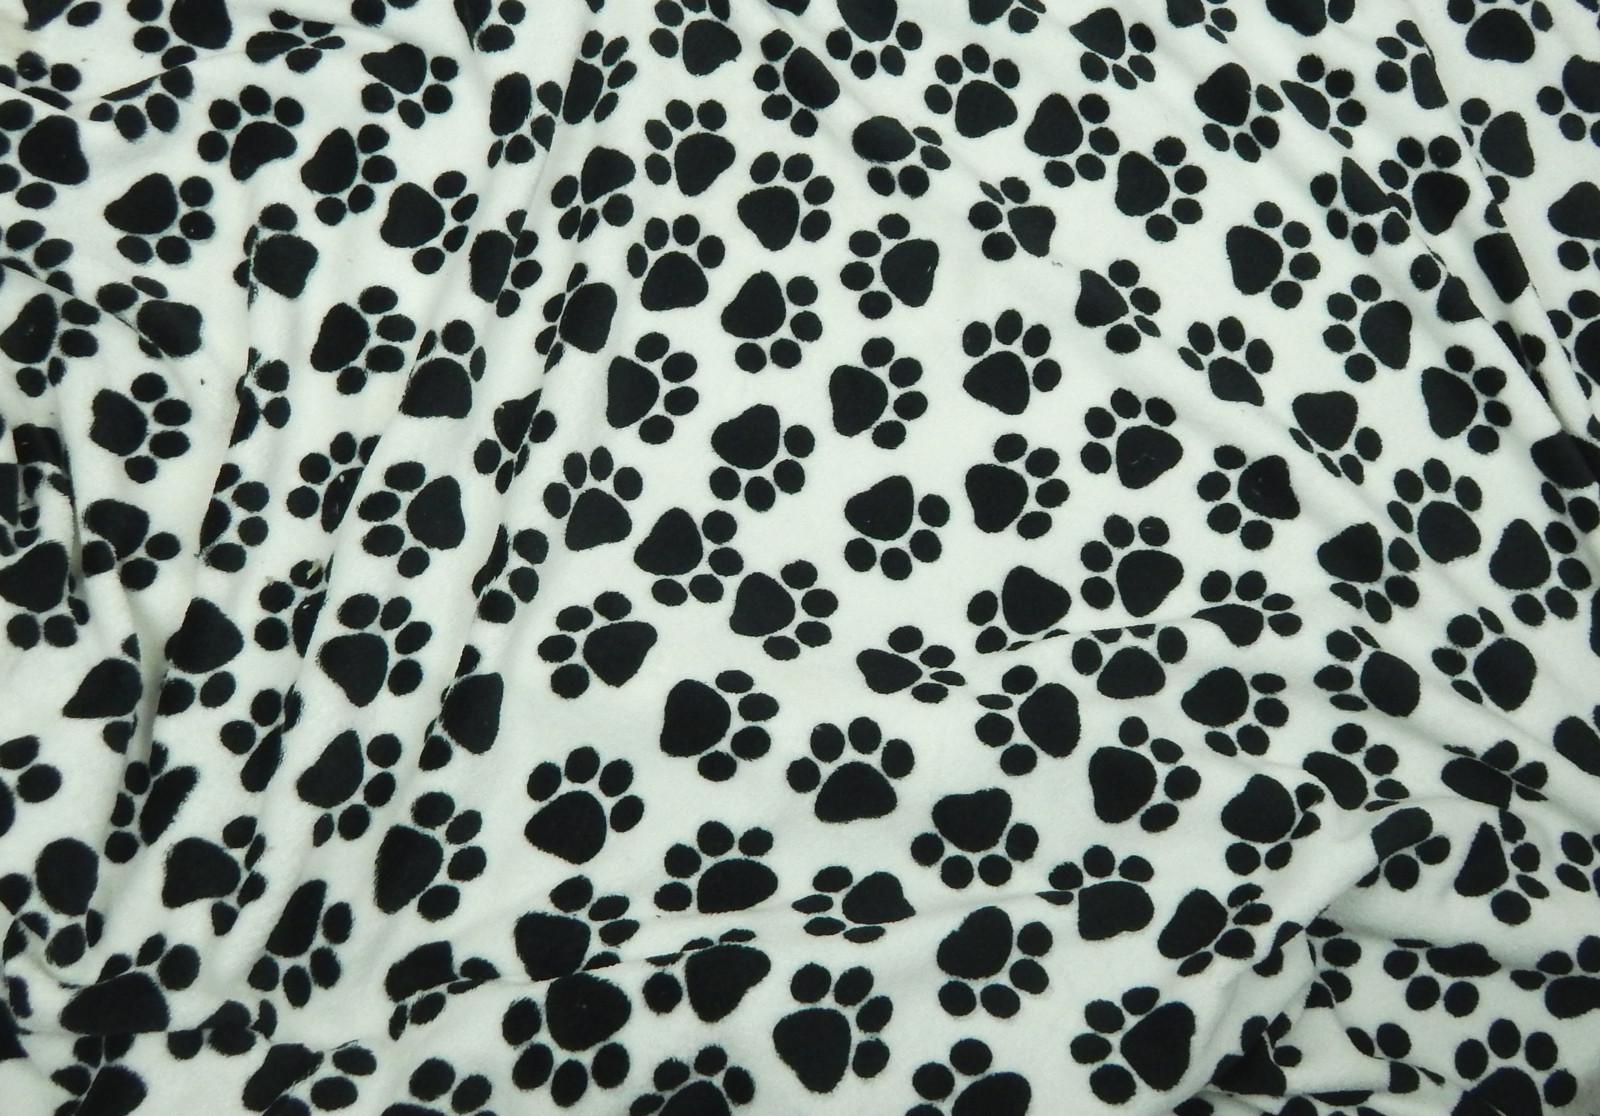 Metráž flanel fleece - černé tlapky bílém   Zboží prodejce U ... 949543457e4